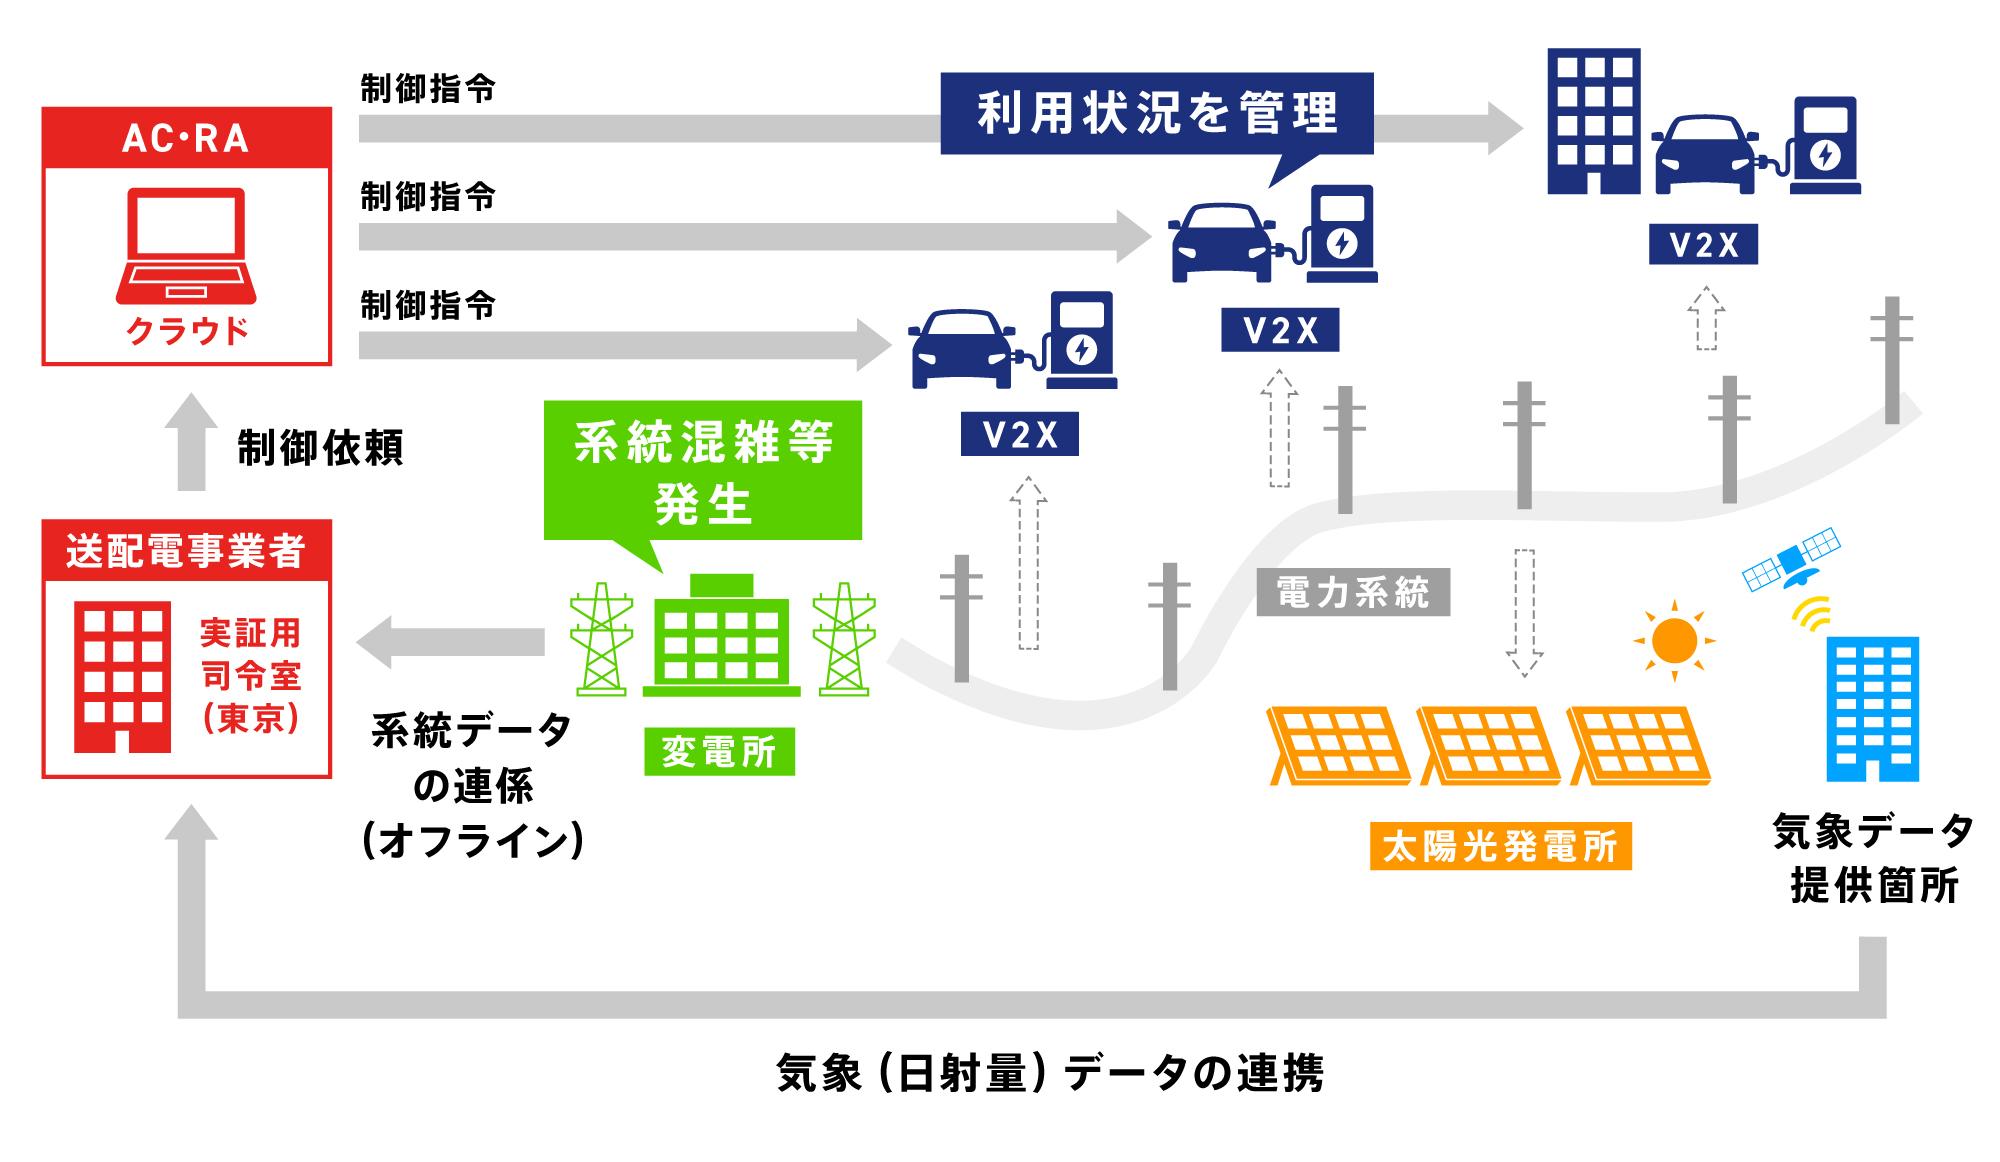 V2X活用実証のイメージ図